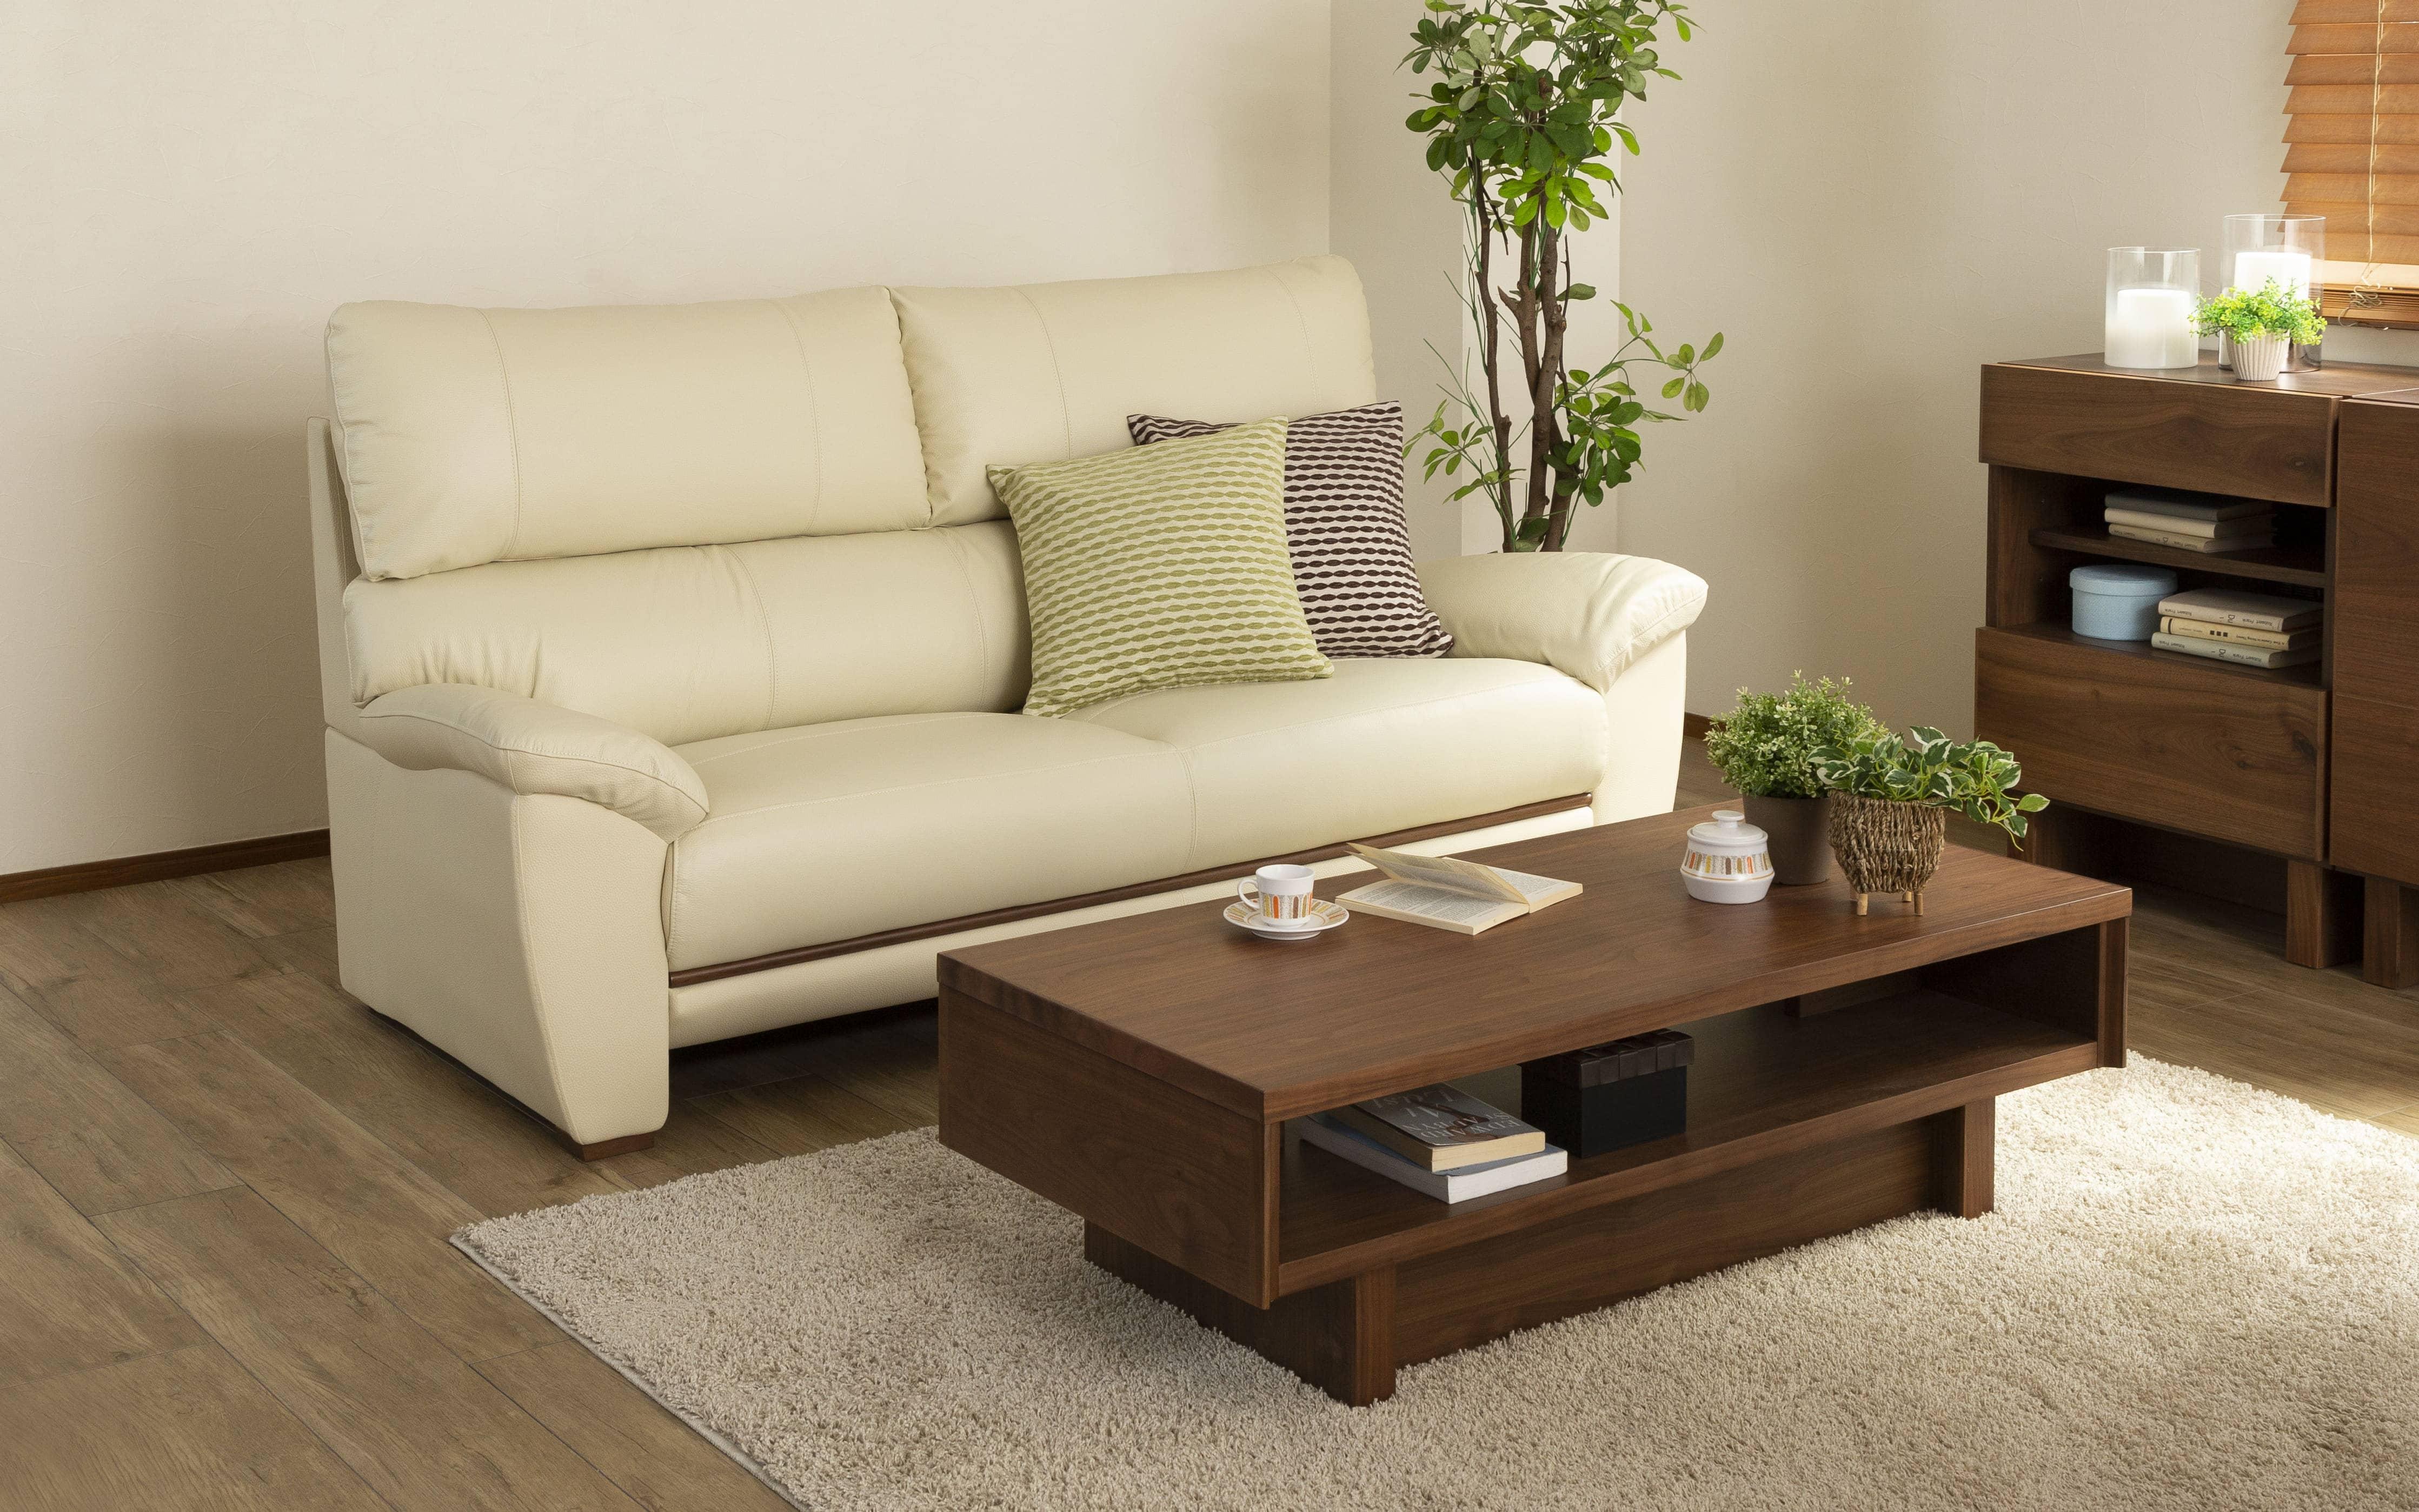 :お好みの座り心地を選べる上質ソファー